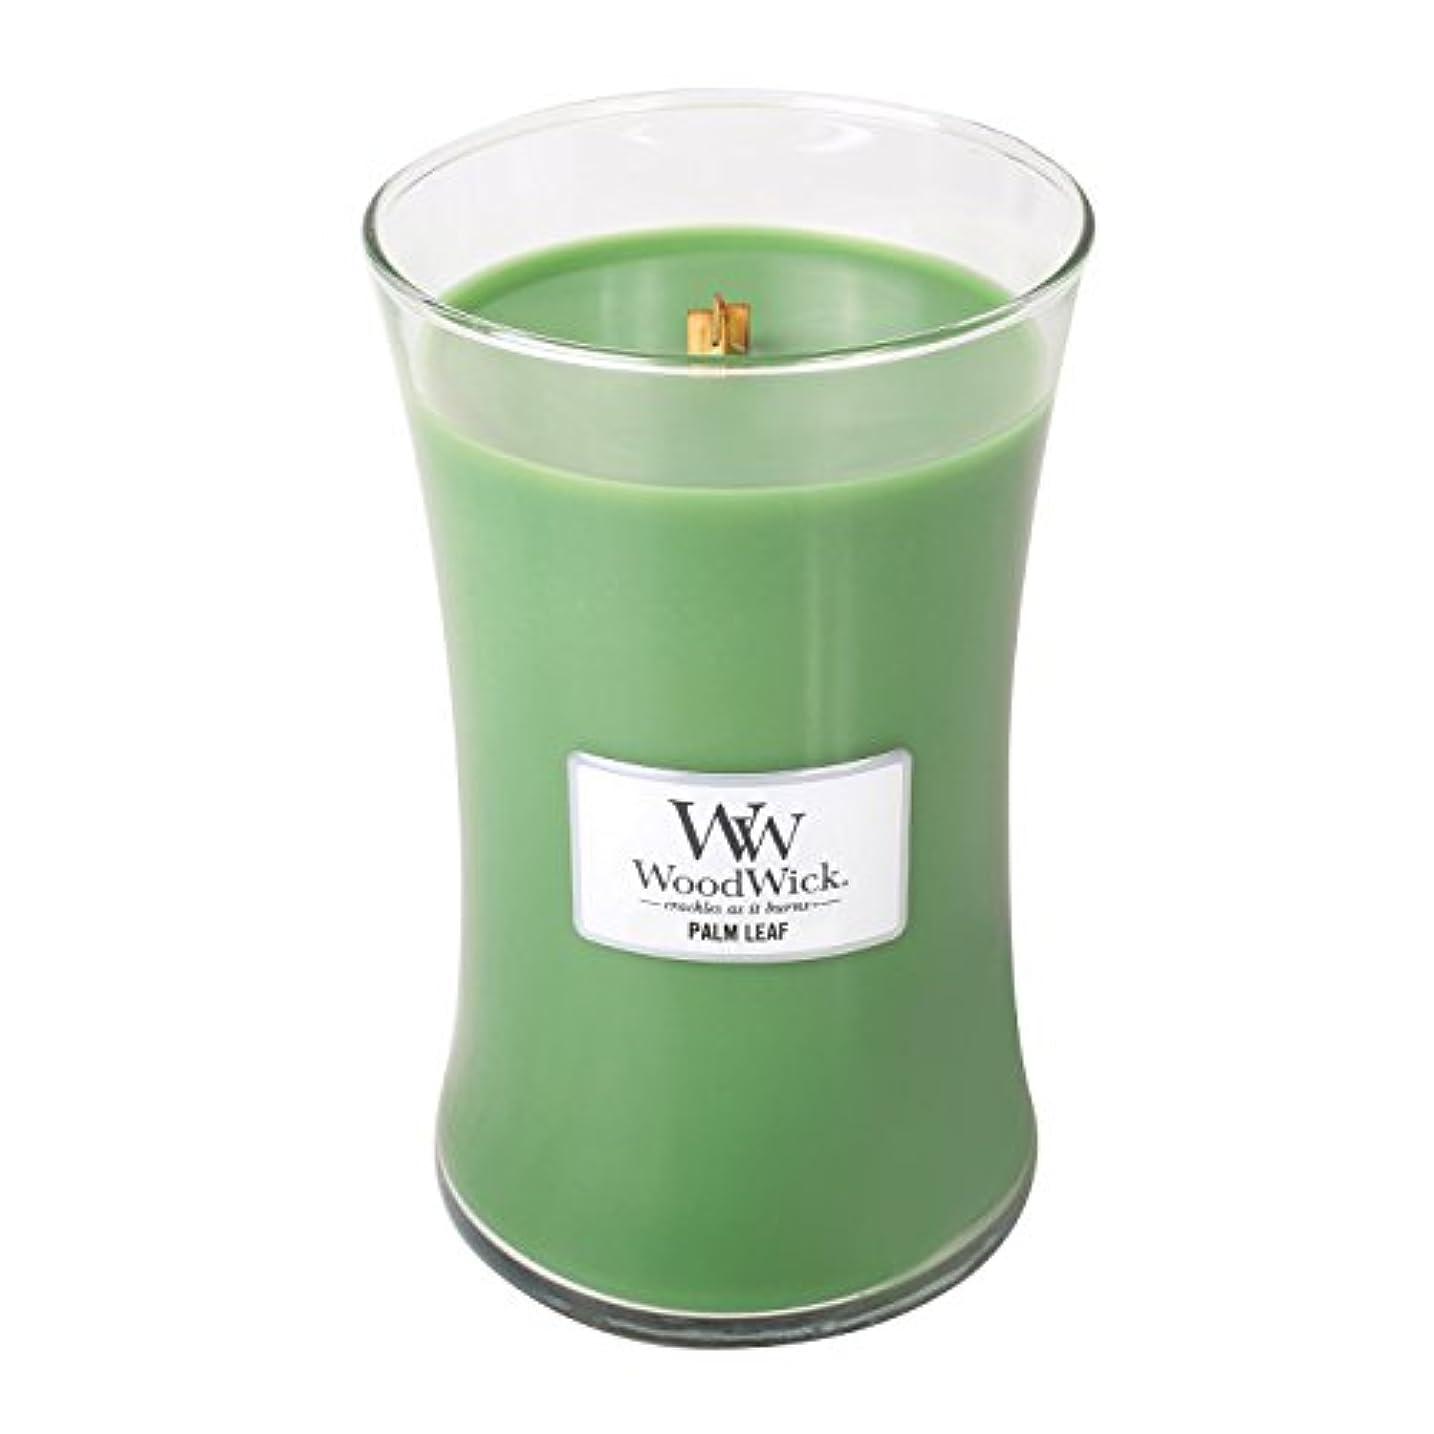 ウガンダ無駄なプレビスサイトWoodWick PALM LEAF, Highly Scented Candle, Classic Hourglass Jar, Large 18cm, 640ml